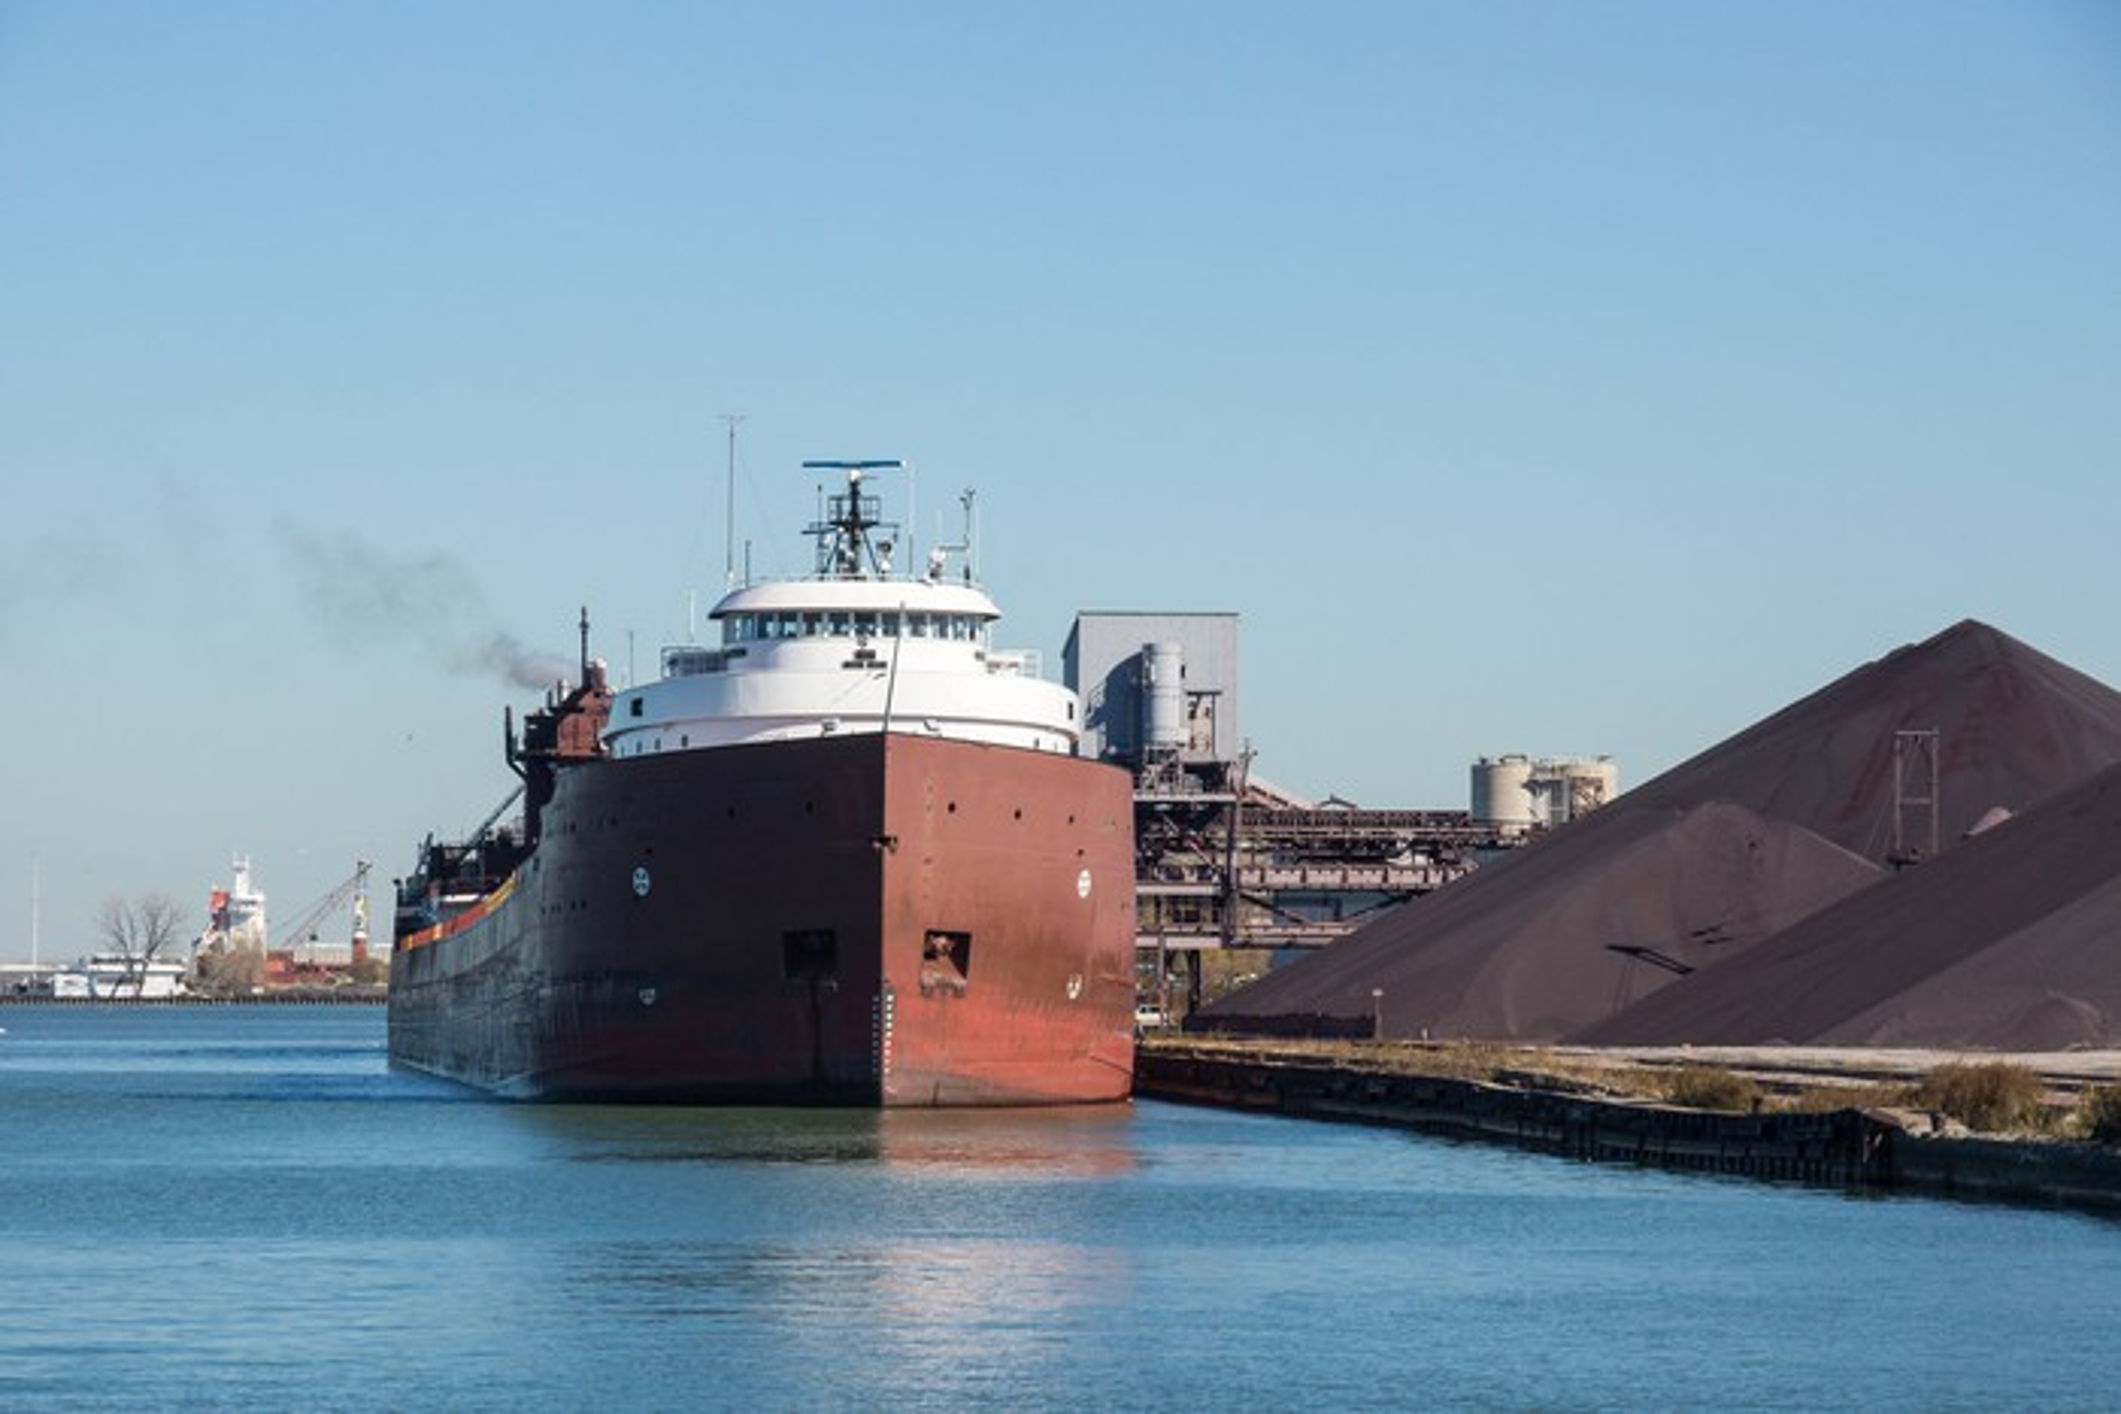 Dry bulk cargo ship unloading.